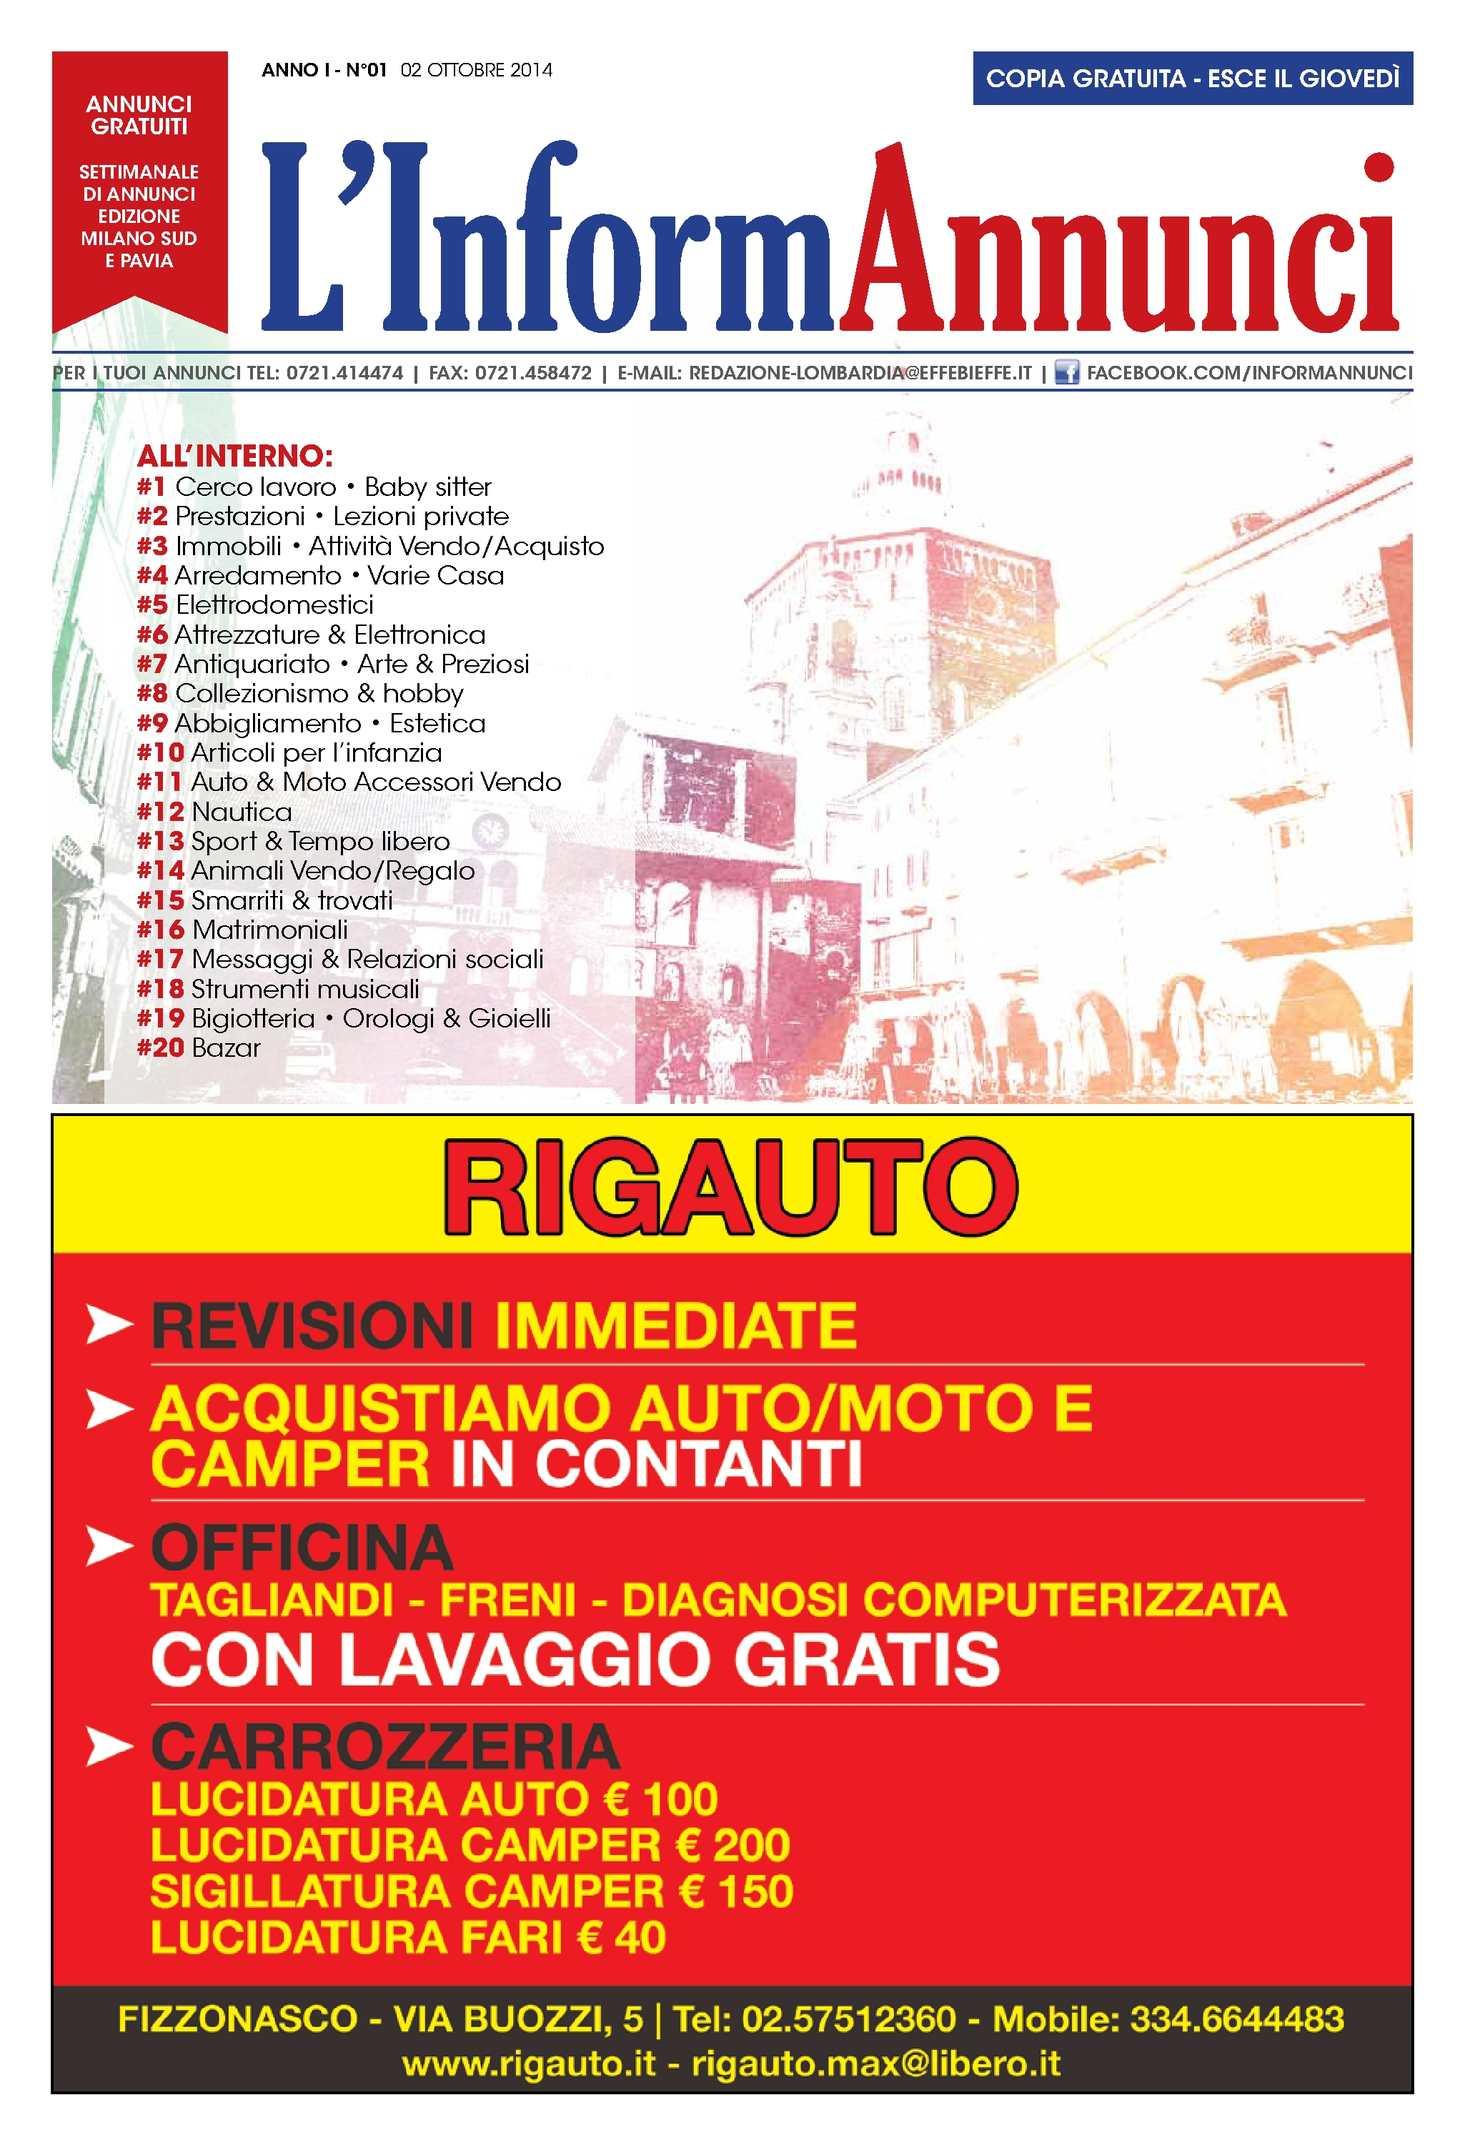 Calameo L Informannunci Ed Milano Sud N 1 Del 02 10 2014